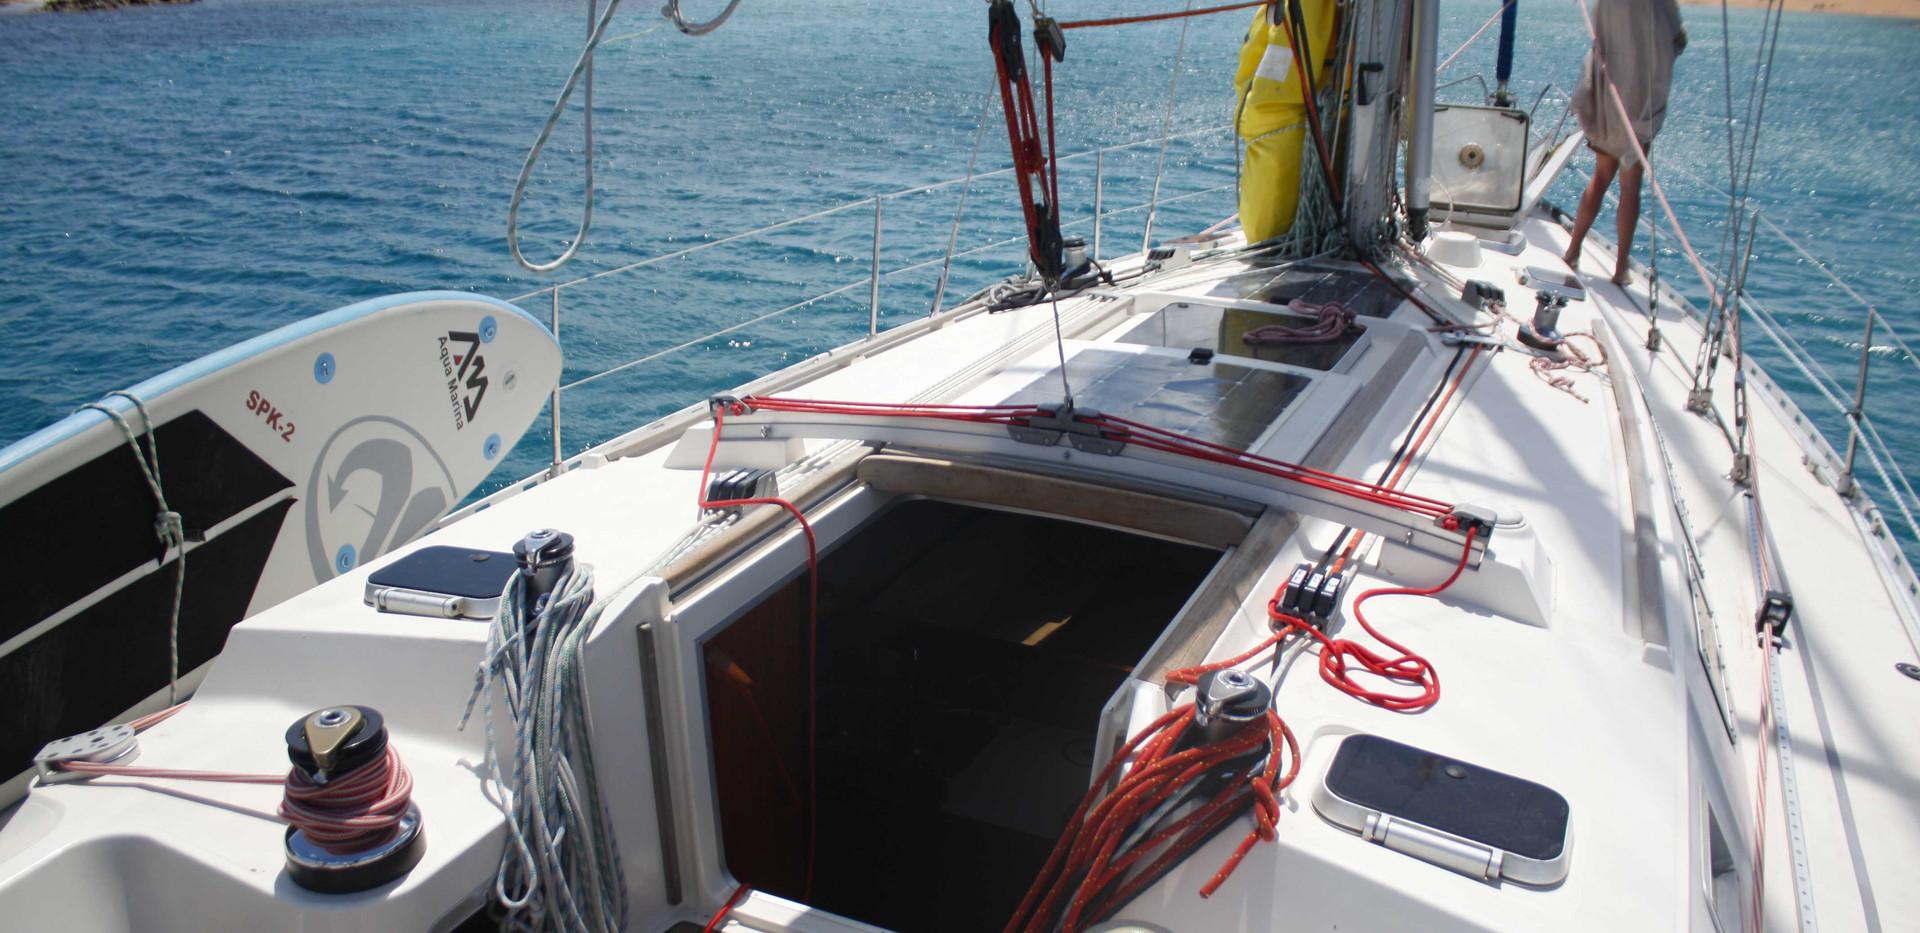 Le cockpit à Minorque